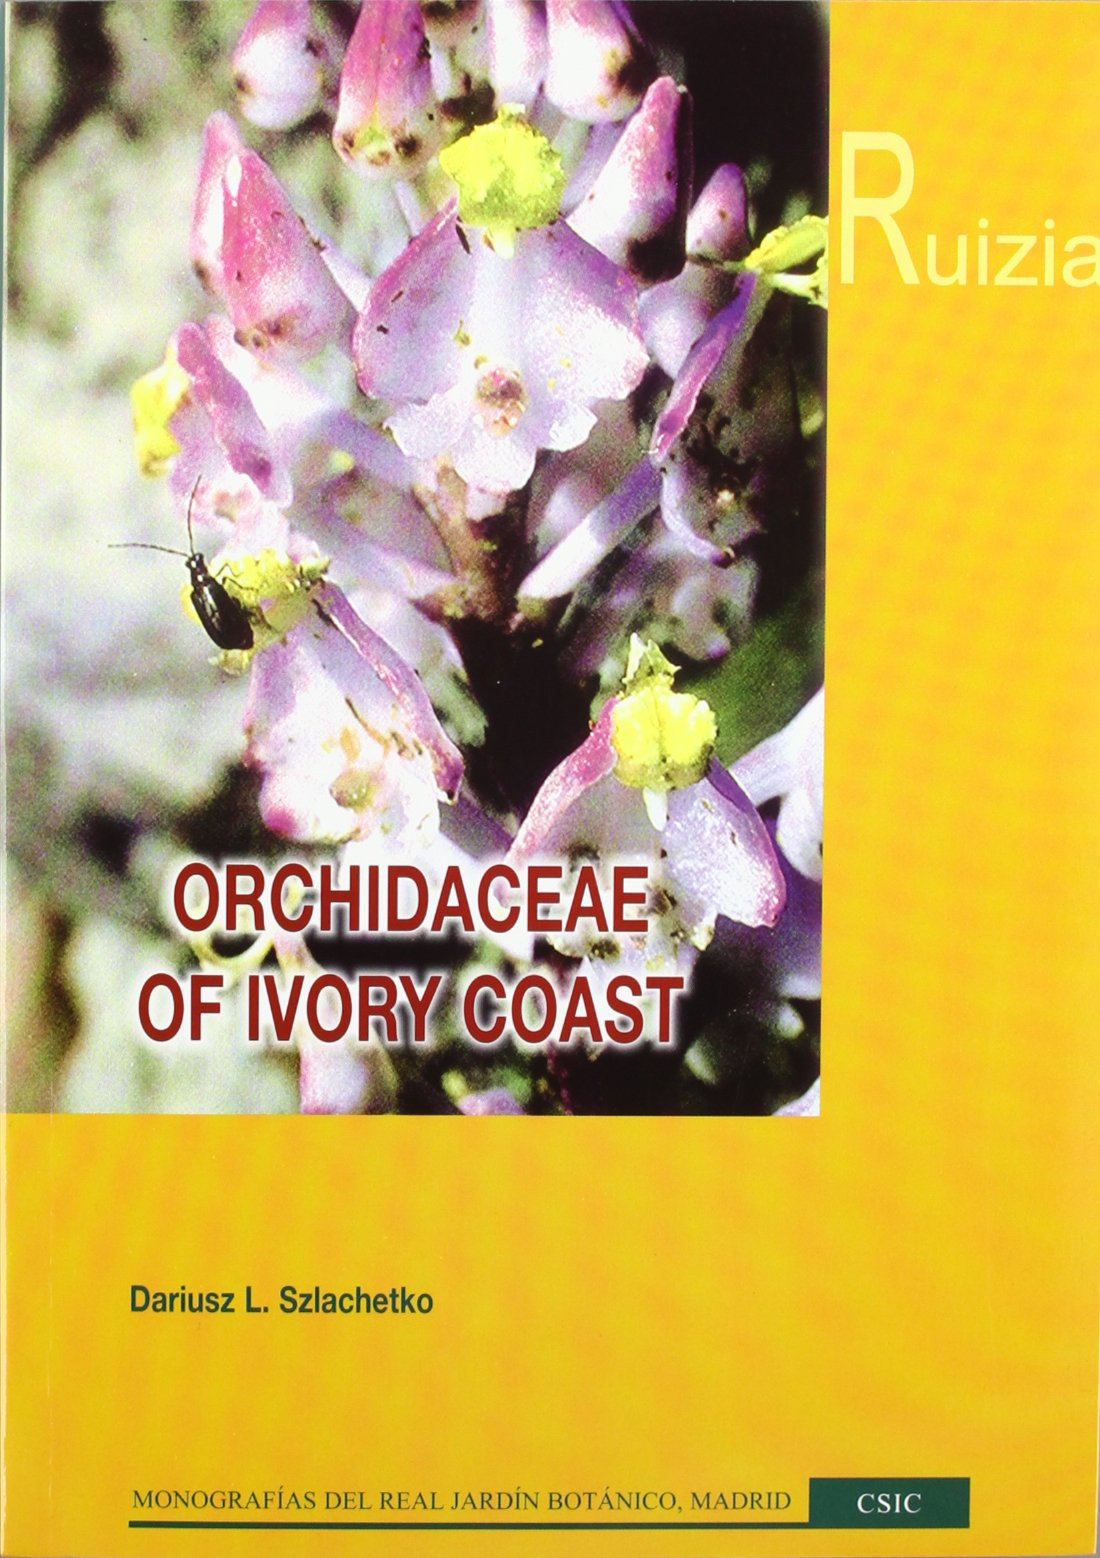 Orchidaceae of Ivory Coast Monografías del Real Jardín Botánico Ruizia: Amazon.es: Szlachetko, Dariusz L.: Libros en idiomas extranjeros